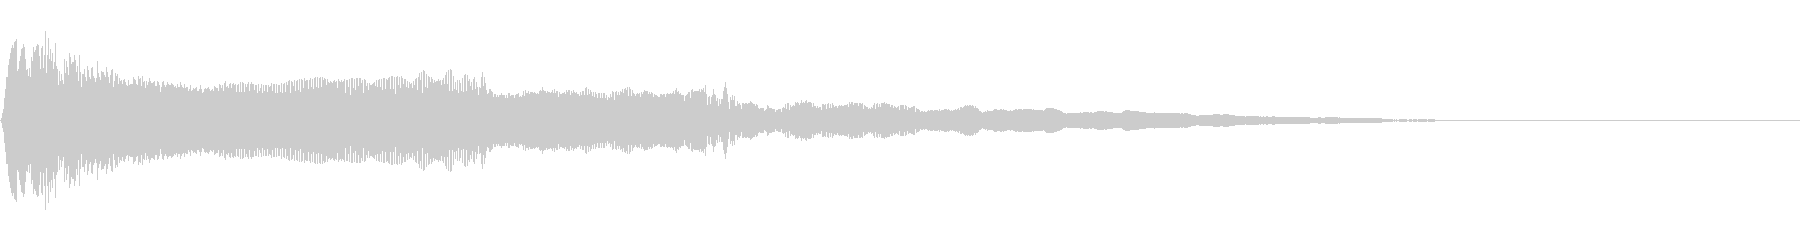 尺八三重奏による和風ジングル03の未再生の波形